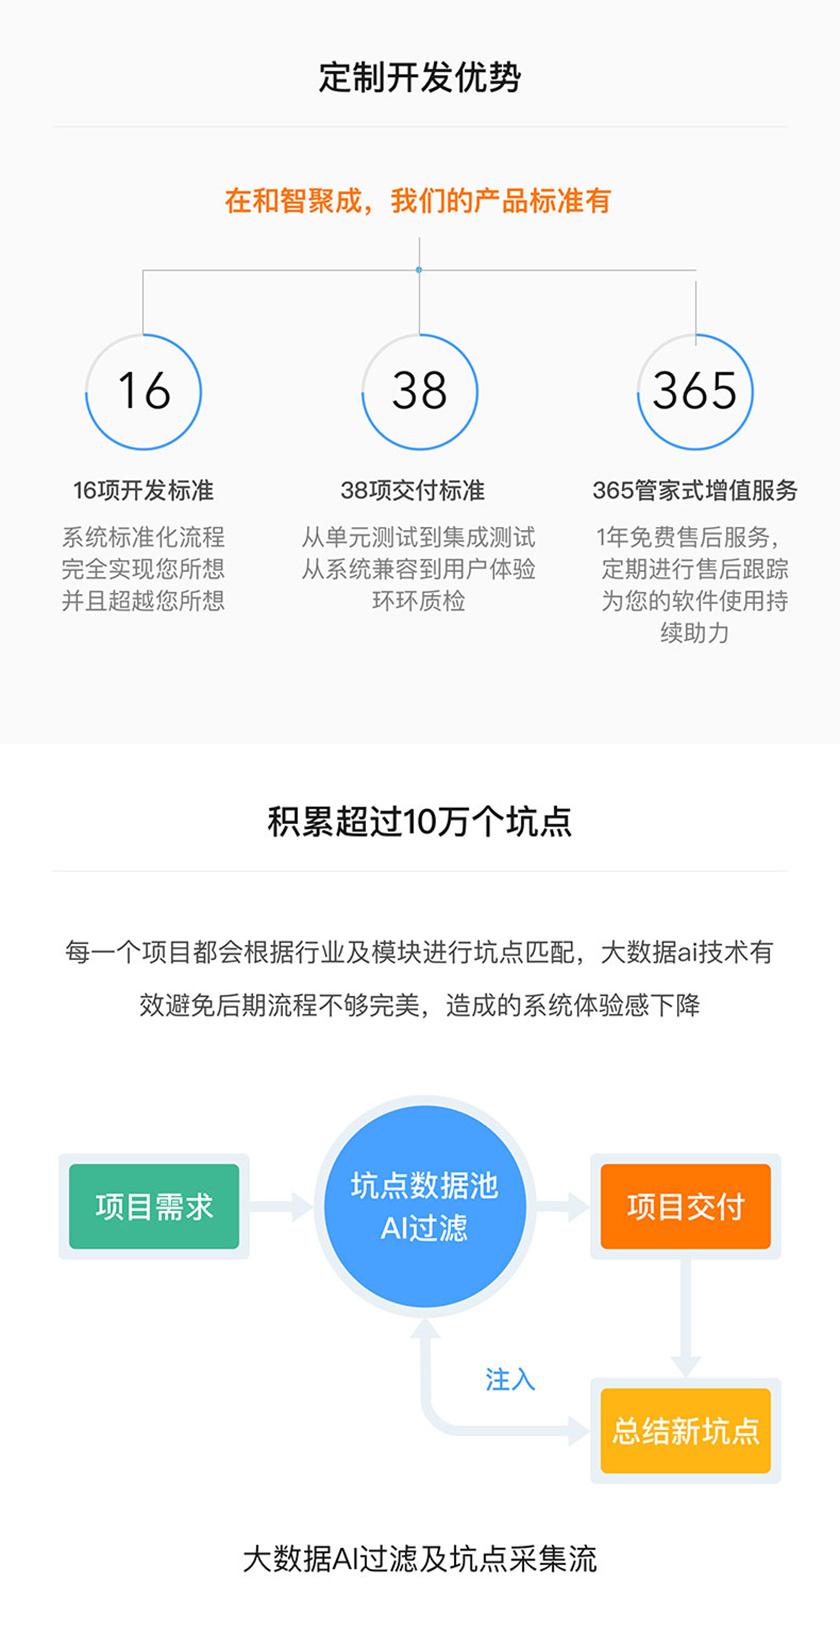 _混合app开发制作解决方案网页面定制移动安卓应用源码论坛系统5